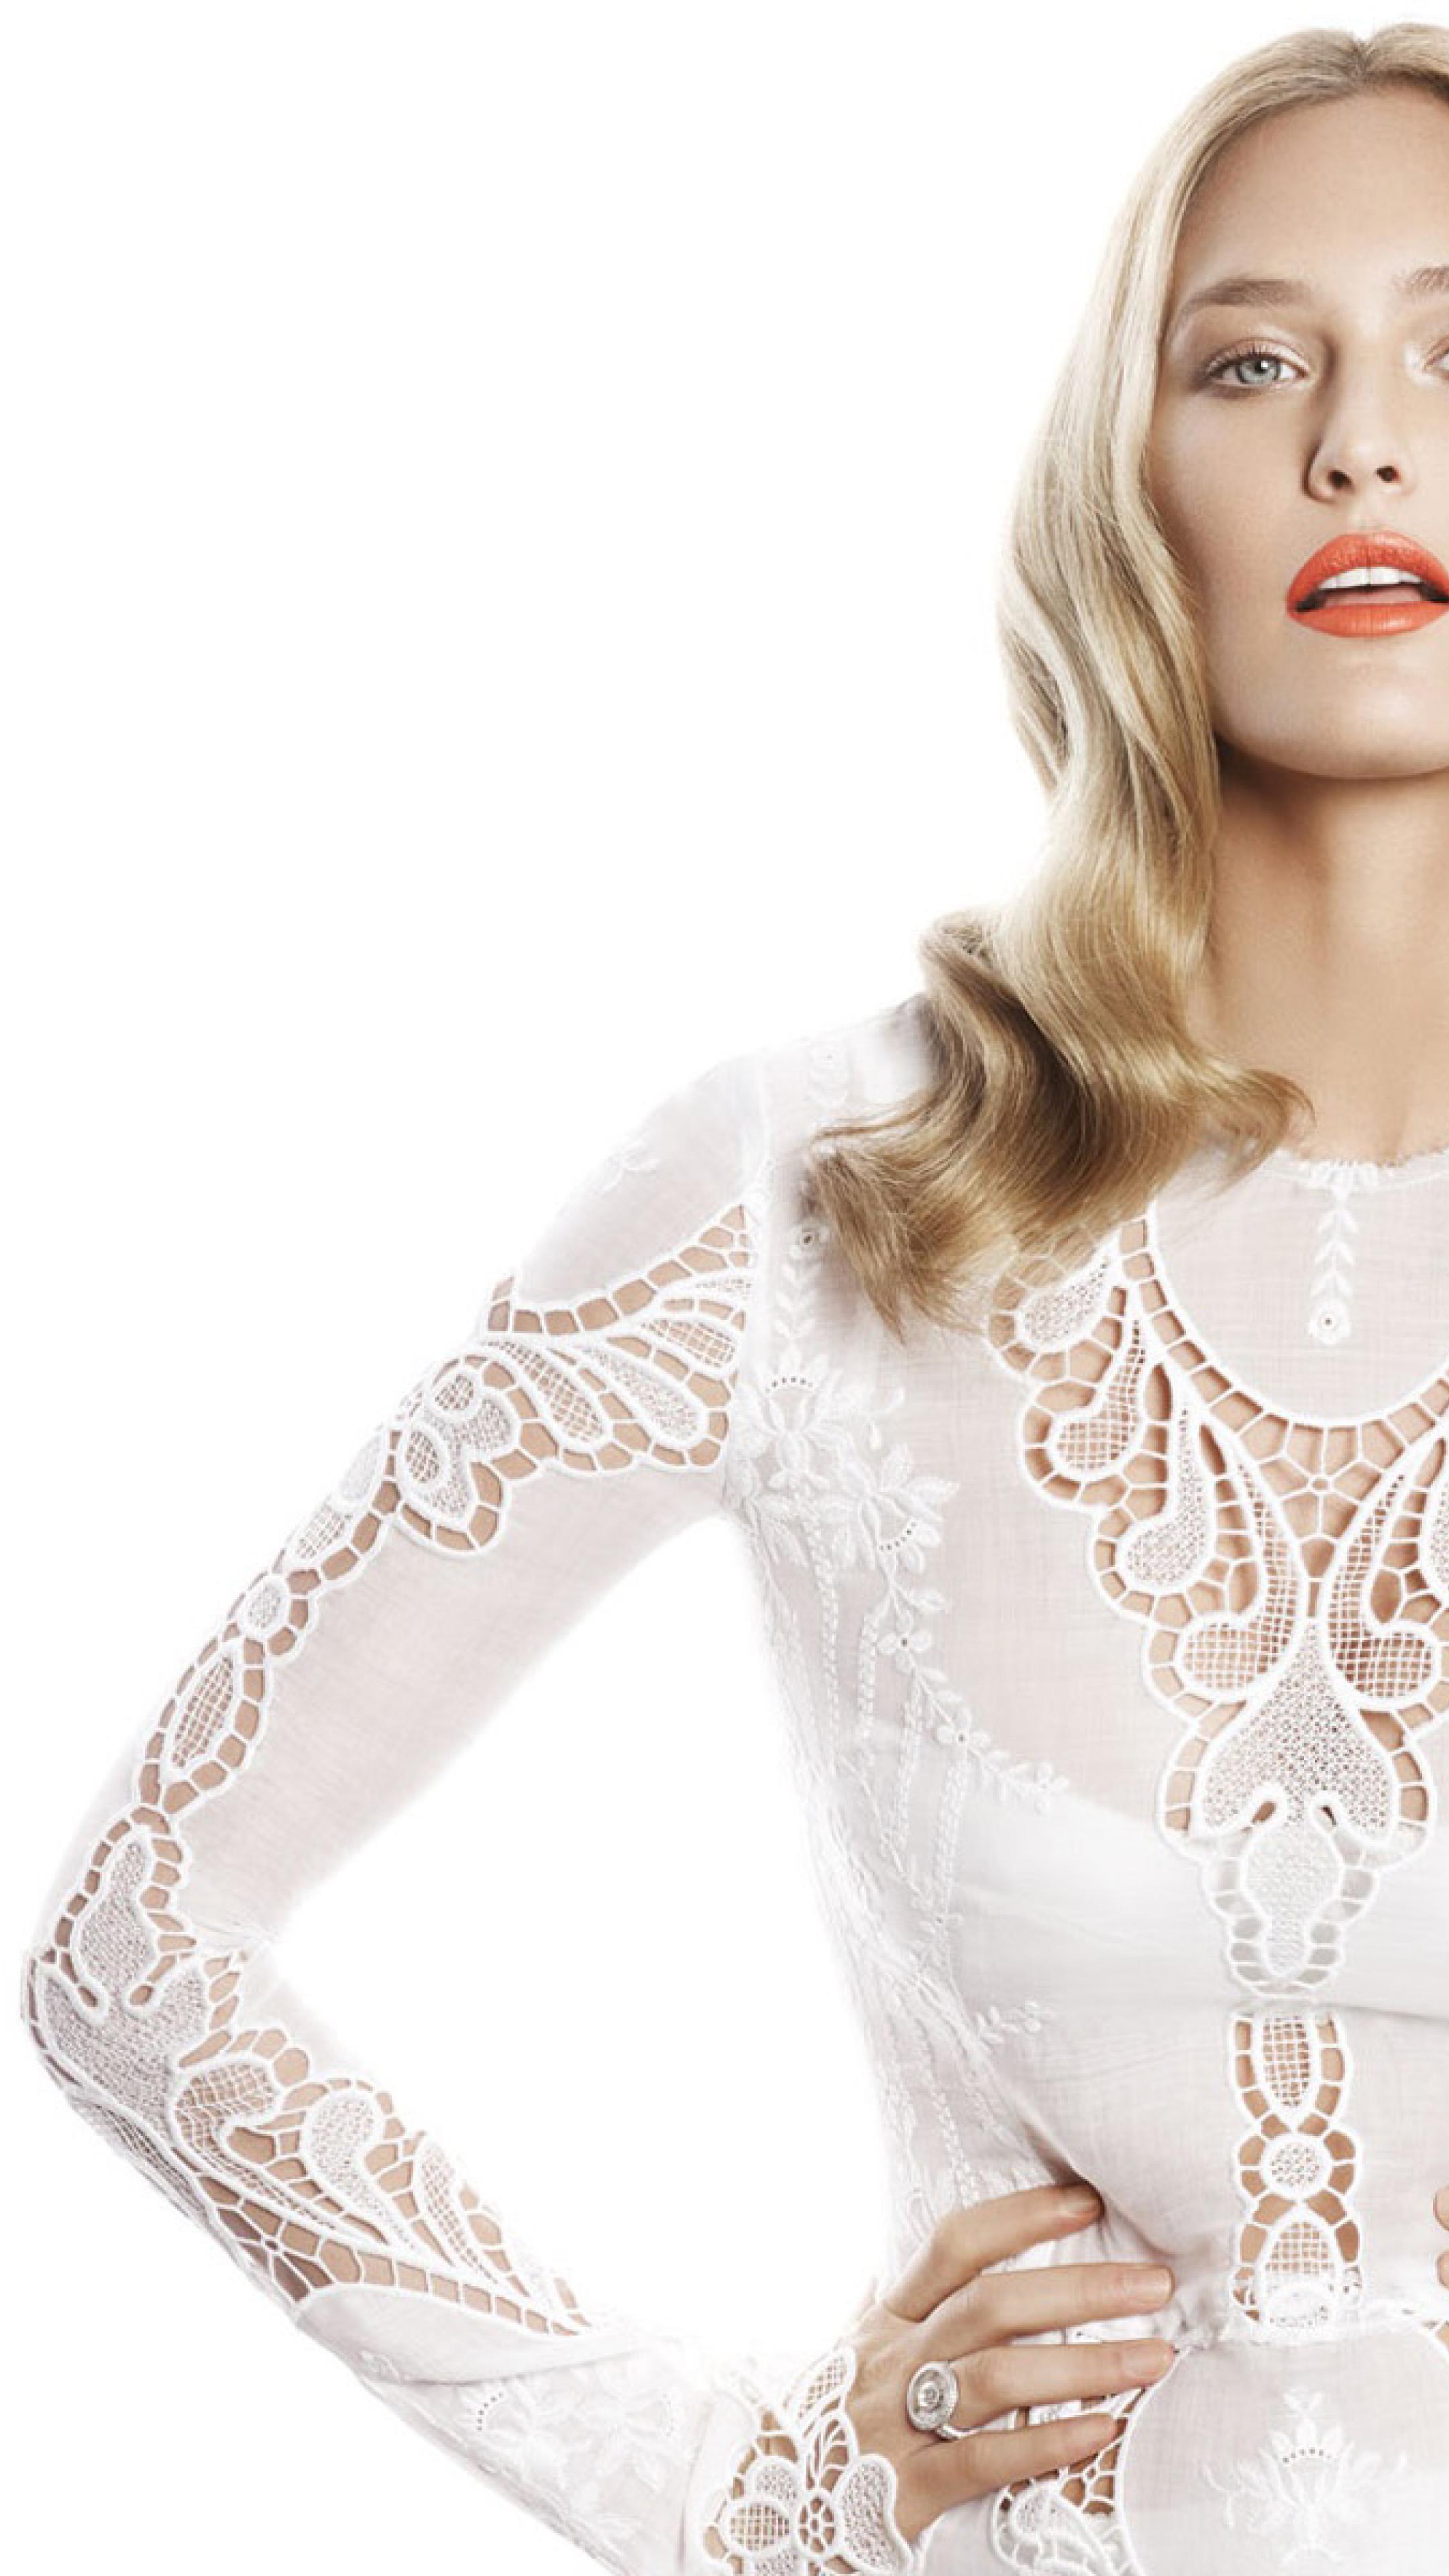 Bar Refaeli In White Dress Photoshoot, Full HD Wallpaper Bar Refaeli